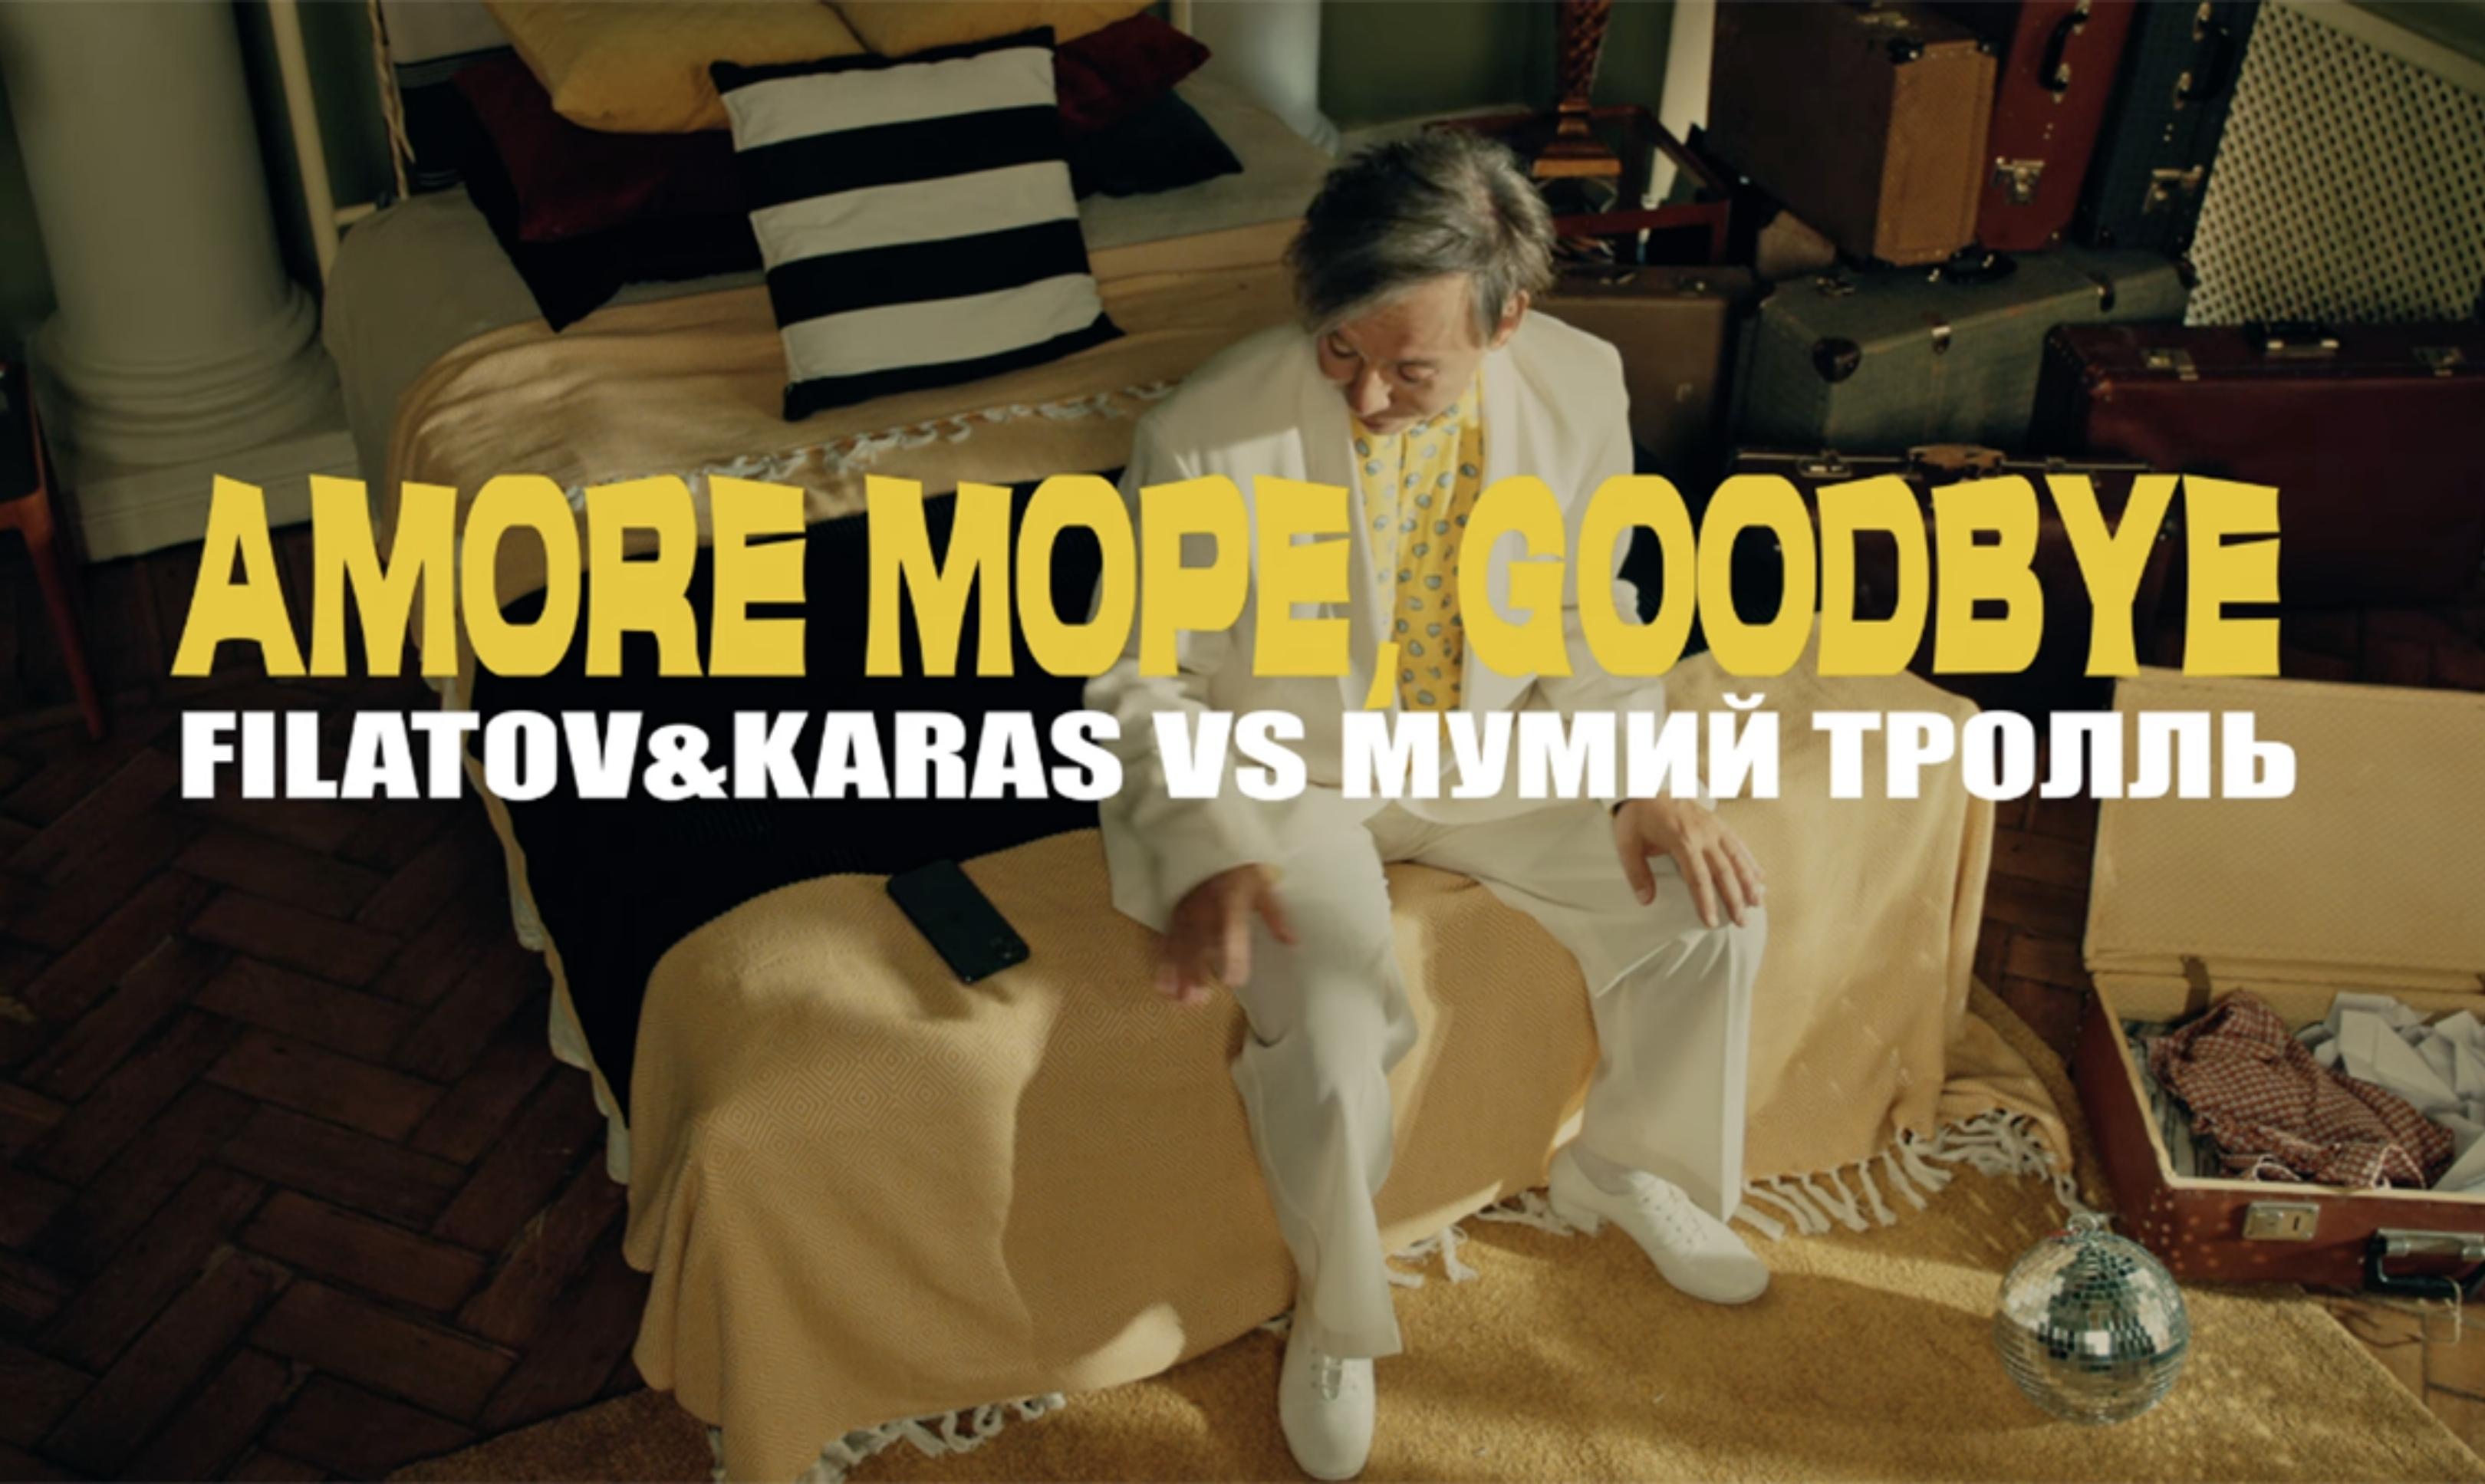 Filatov & Karas и «Мумий Тролль» выпустили клип, который снимала екатеринбургская кинокомпания